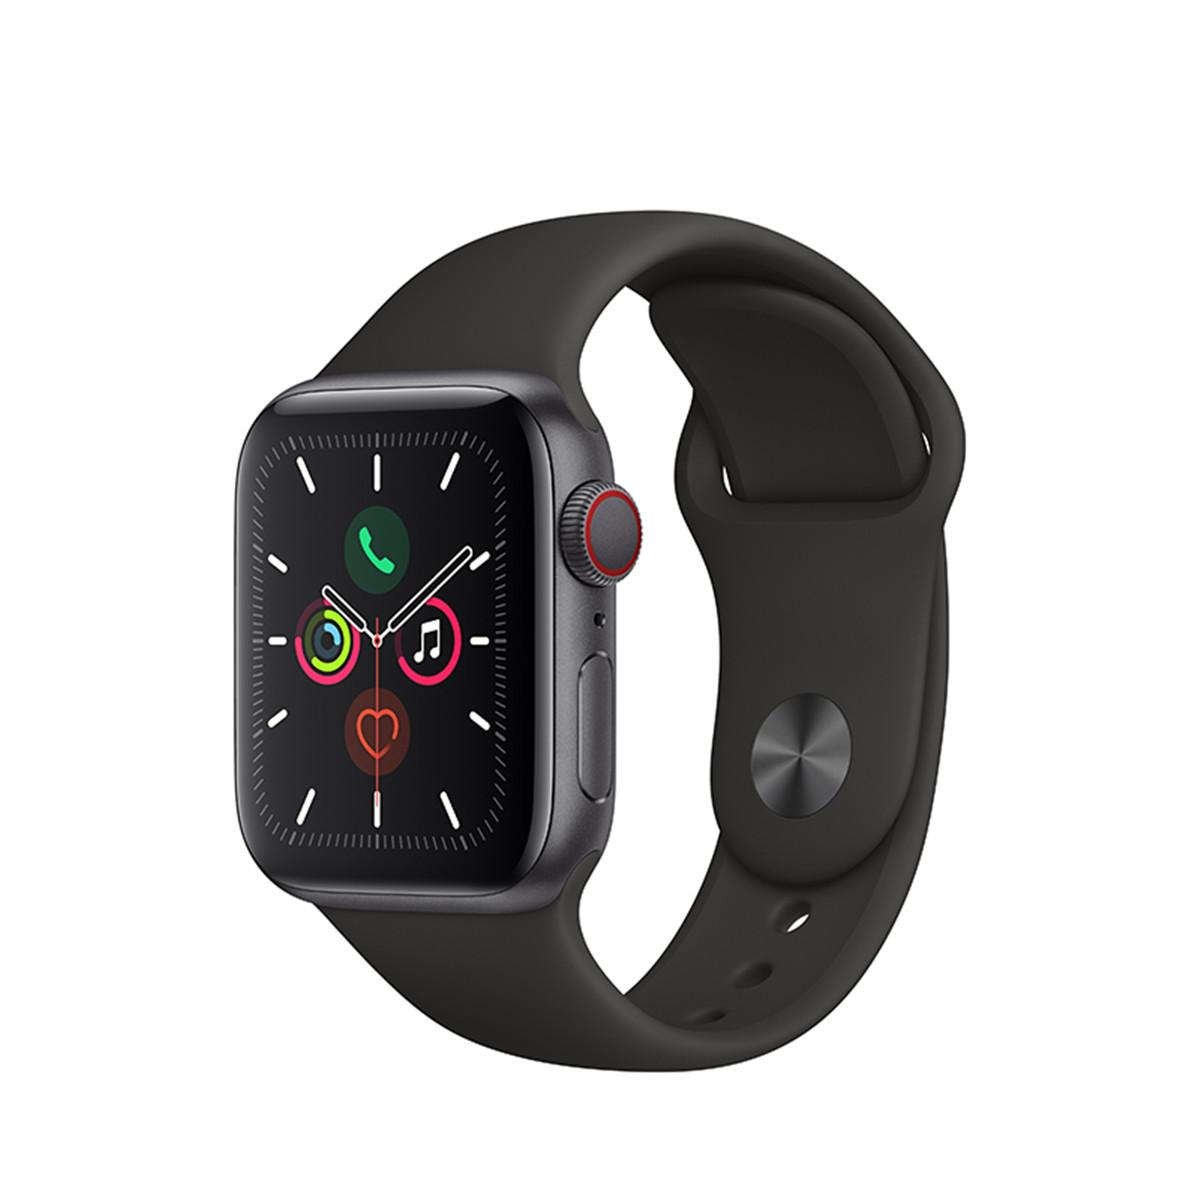 苹果Apple Watch Series 5智能手表 44mmAppleWatchS5-44mm-深空灰表壳-黑色表带